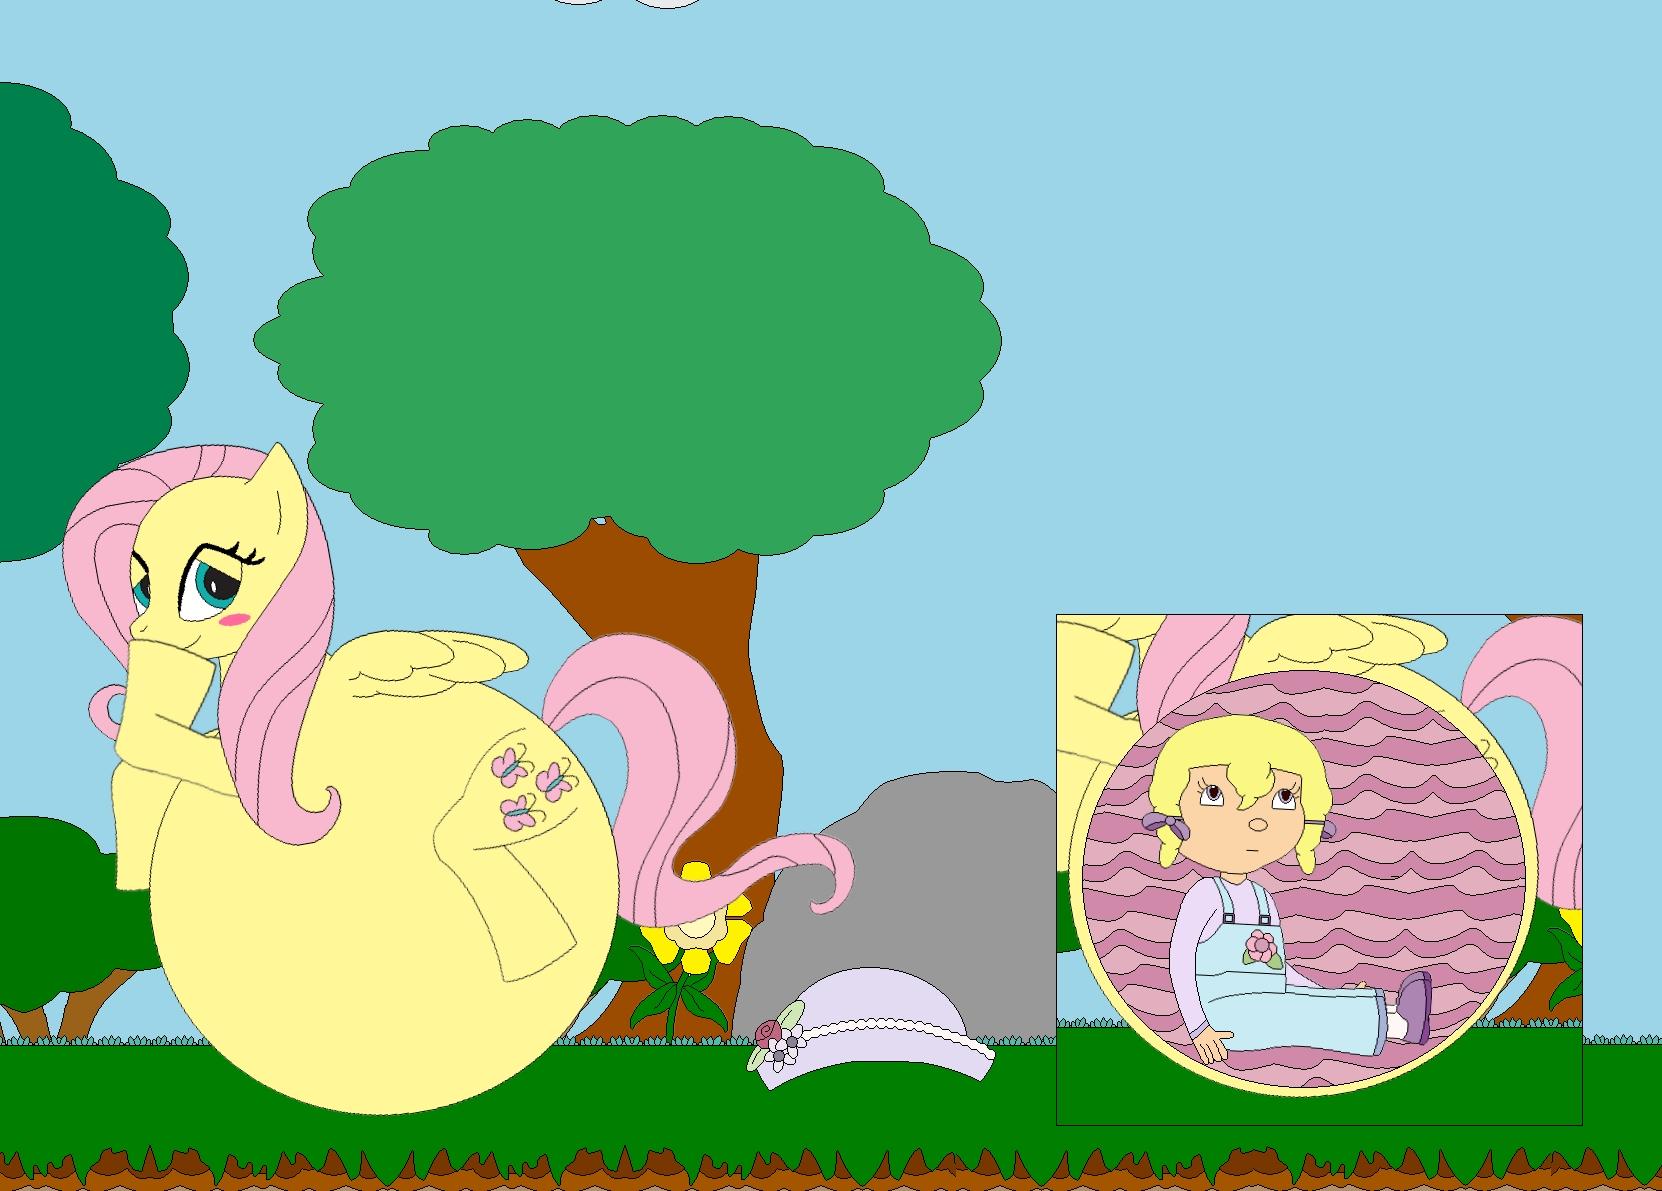 Fluttershy's Bashful Belly by Kphoria on DeviantArt